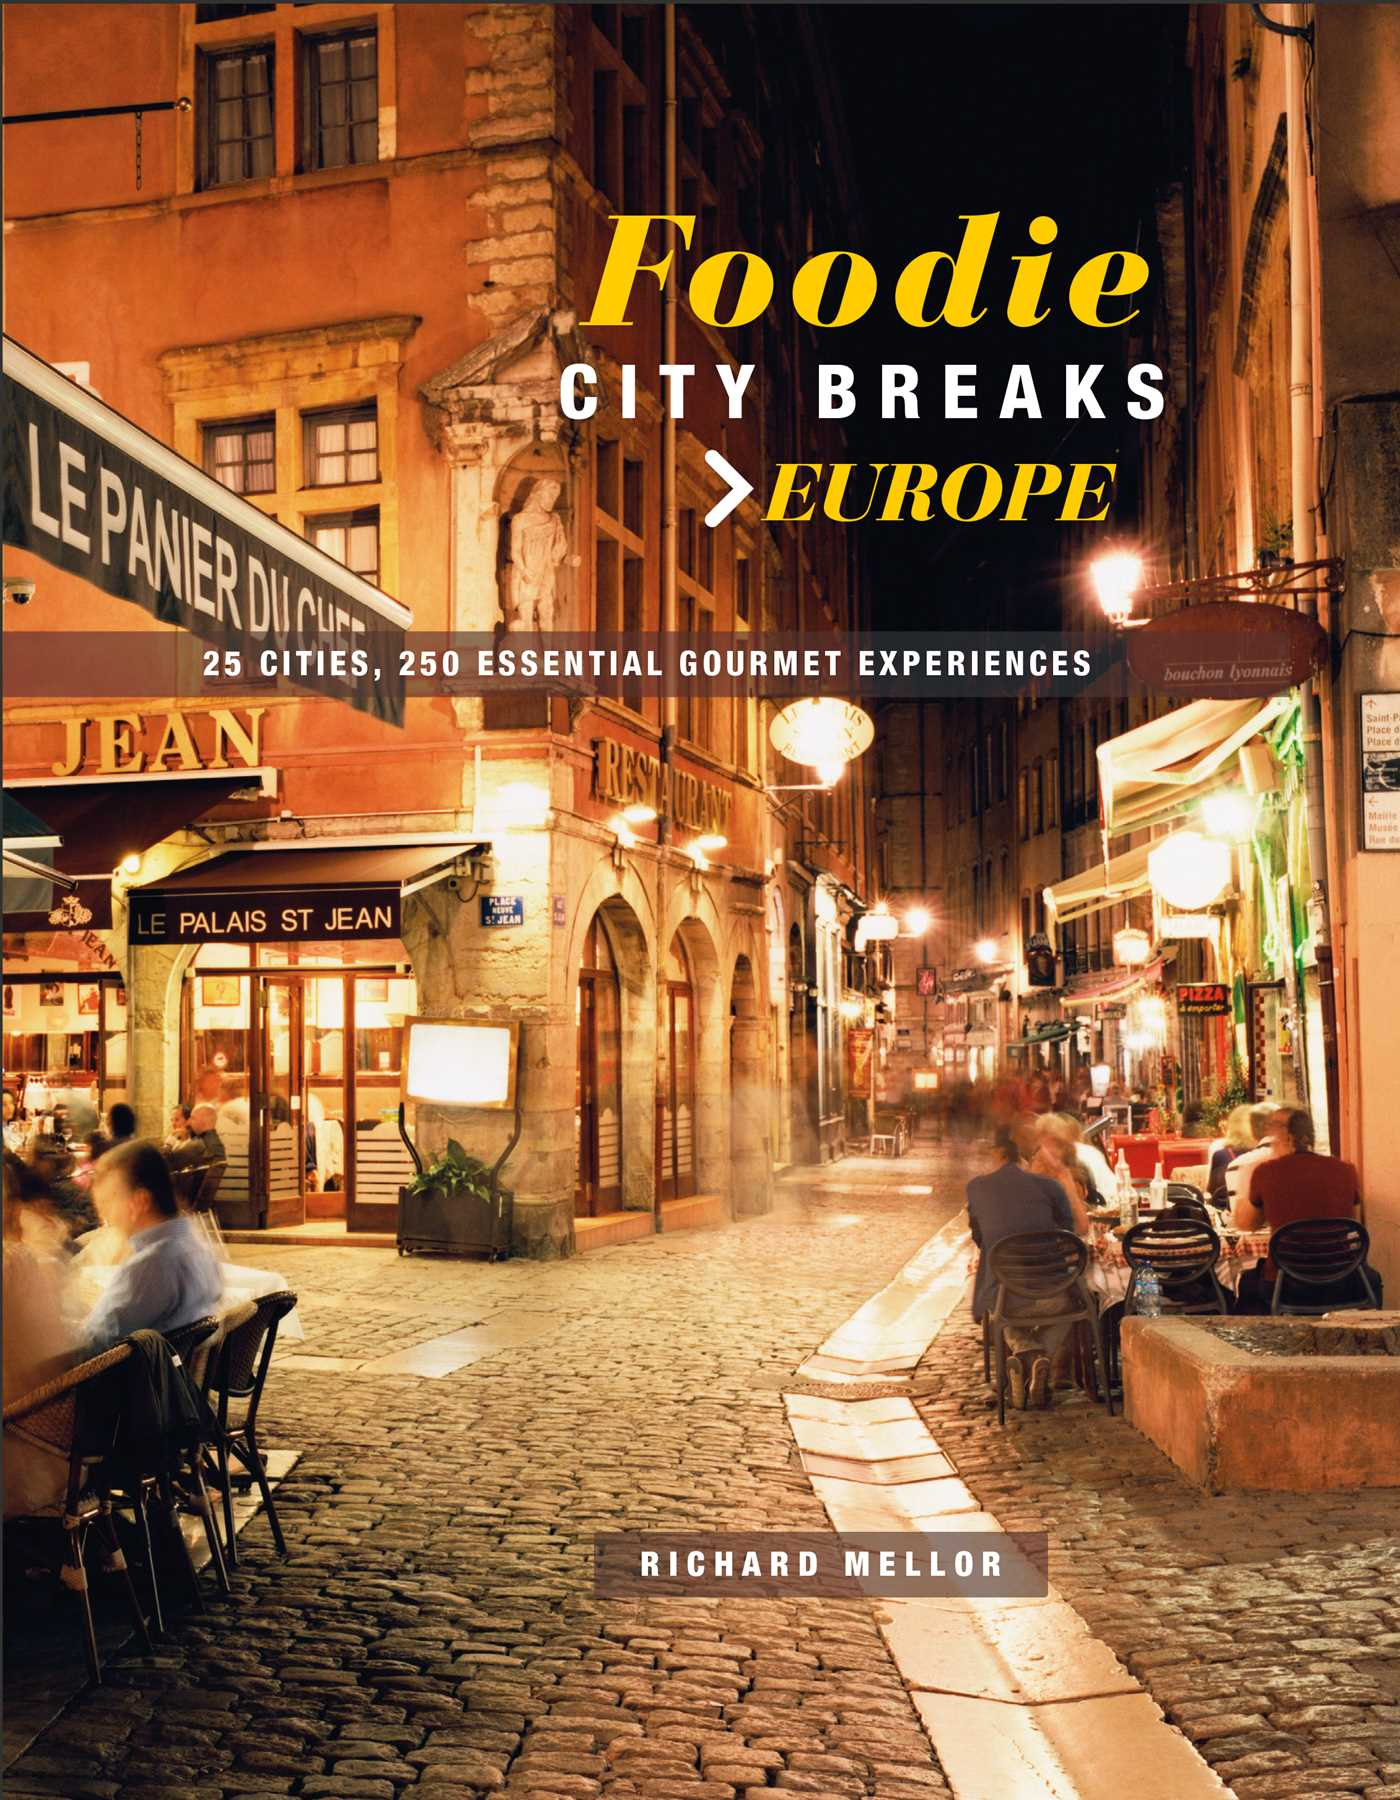 Foodie city breaks europe 9781911026488 hr